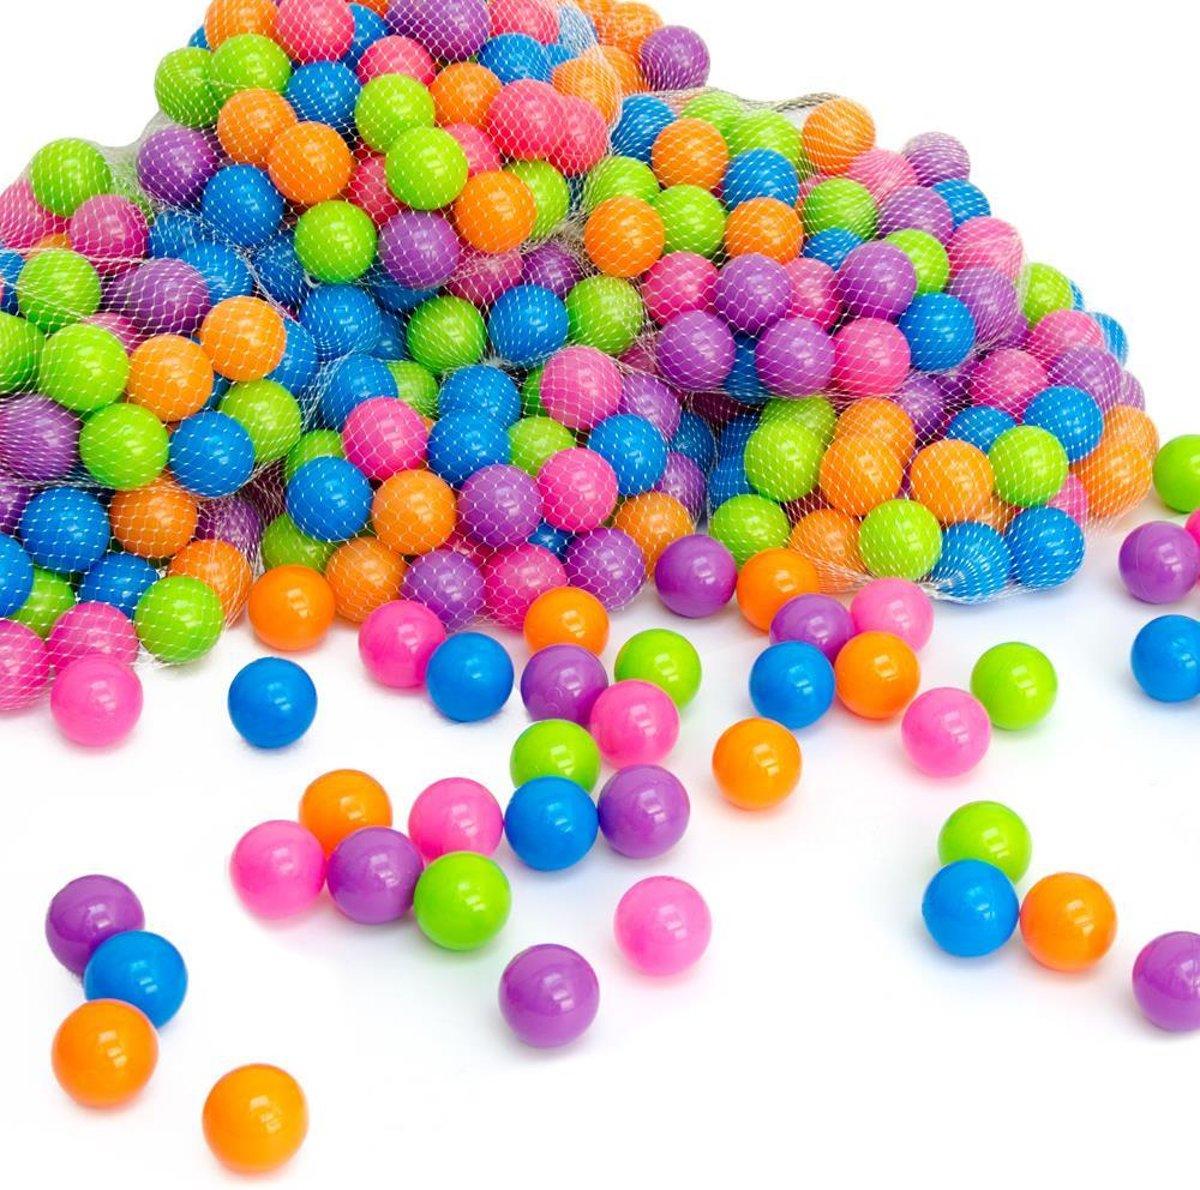 400 ballen badballen 5,5cm pastelkleuren